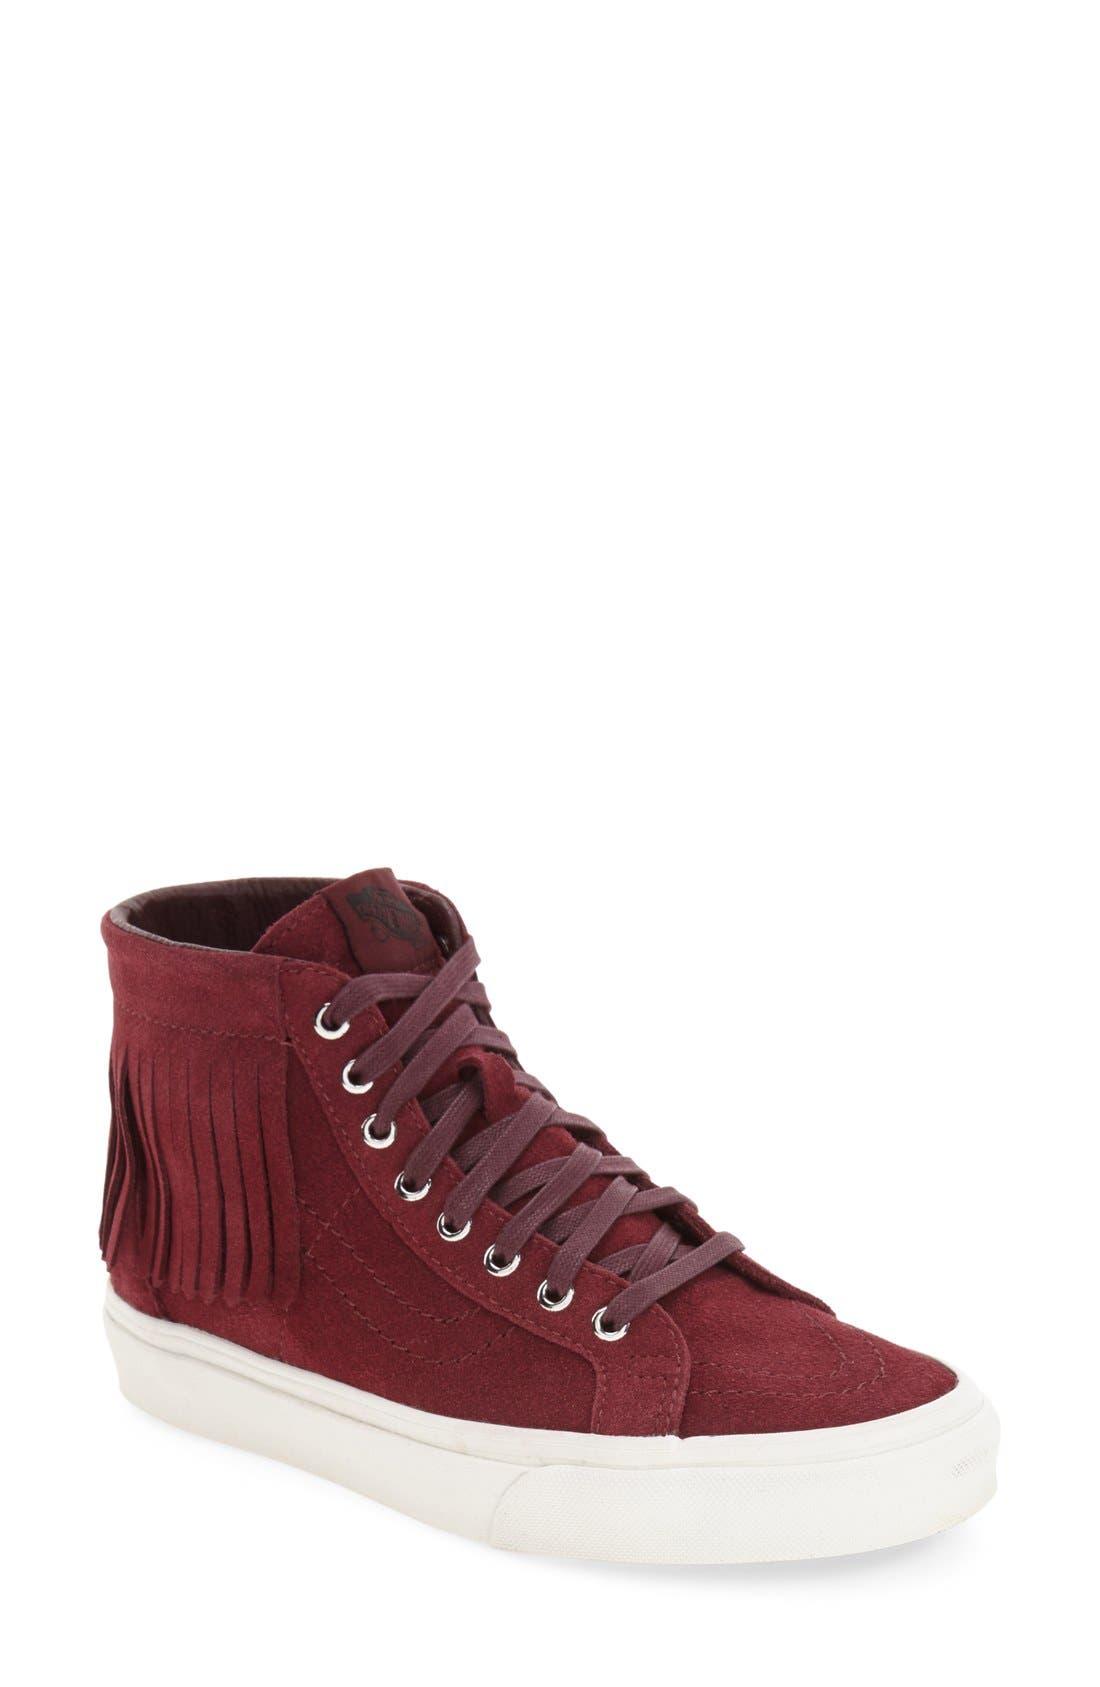 Vans 'Sk8-Hi' Moc Sneaker (Women)